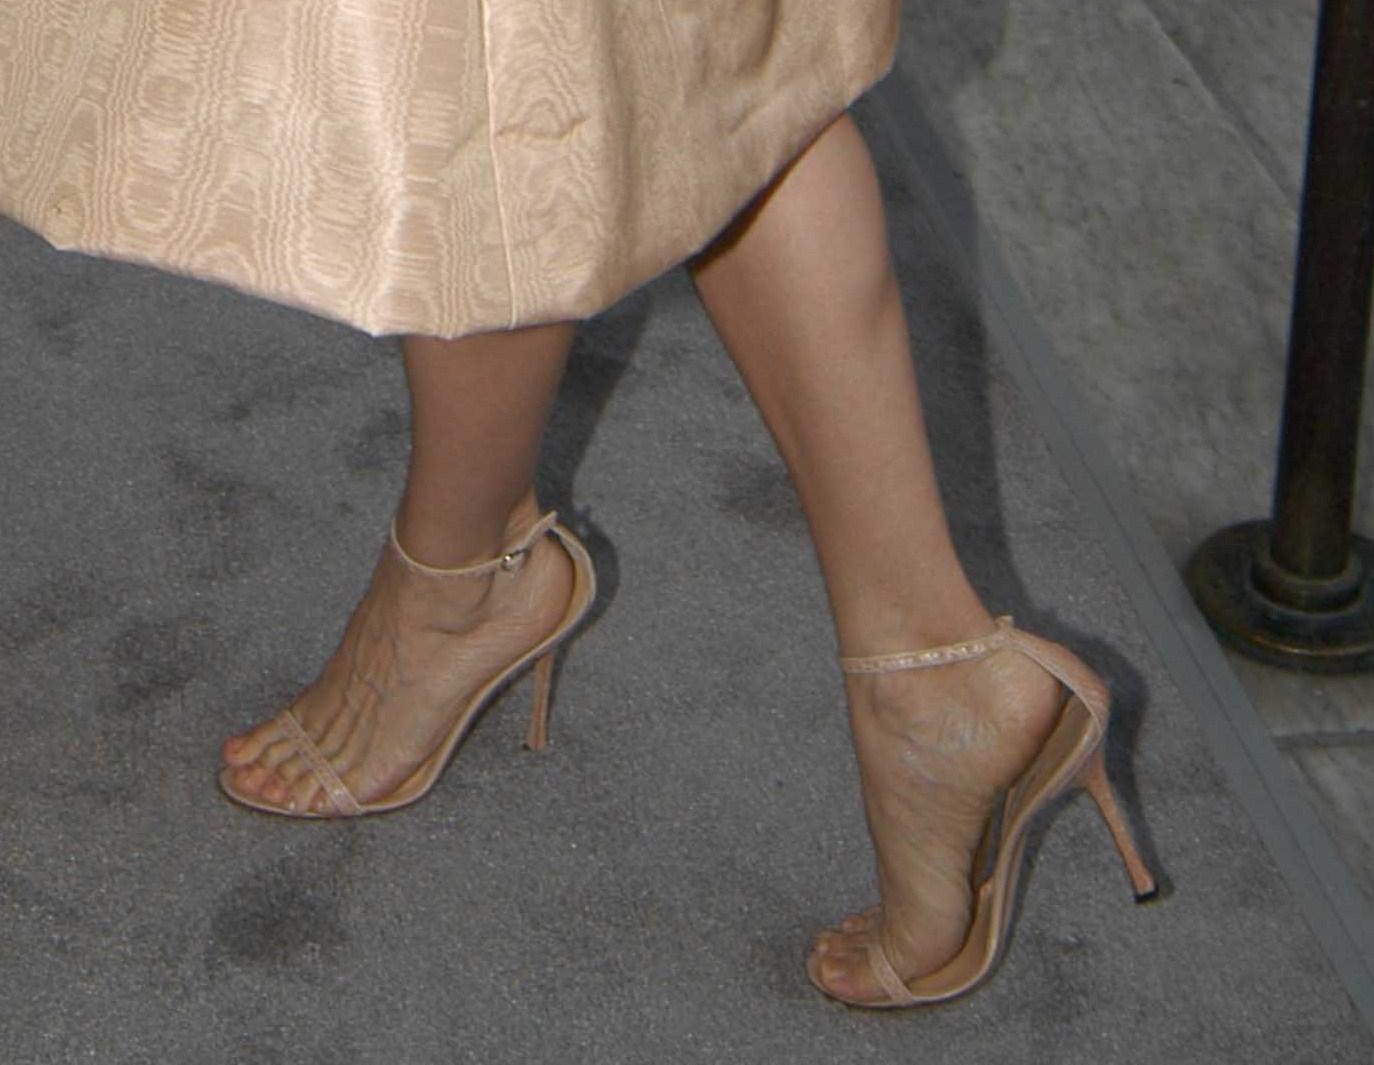 http://3.bp.blogspot.com/_bQ0SqifjNcg/TCWS1TqerII/AAAAAAAAWy8/Z8v6wQ3etSQ/s1600/sarah-jessica-parker-feet-4.jpg